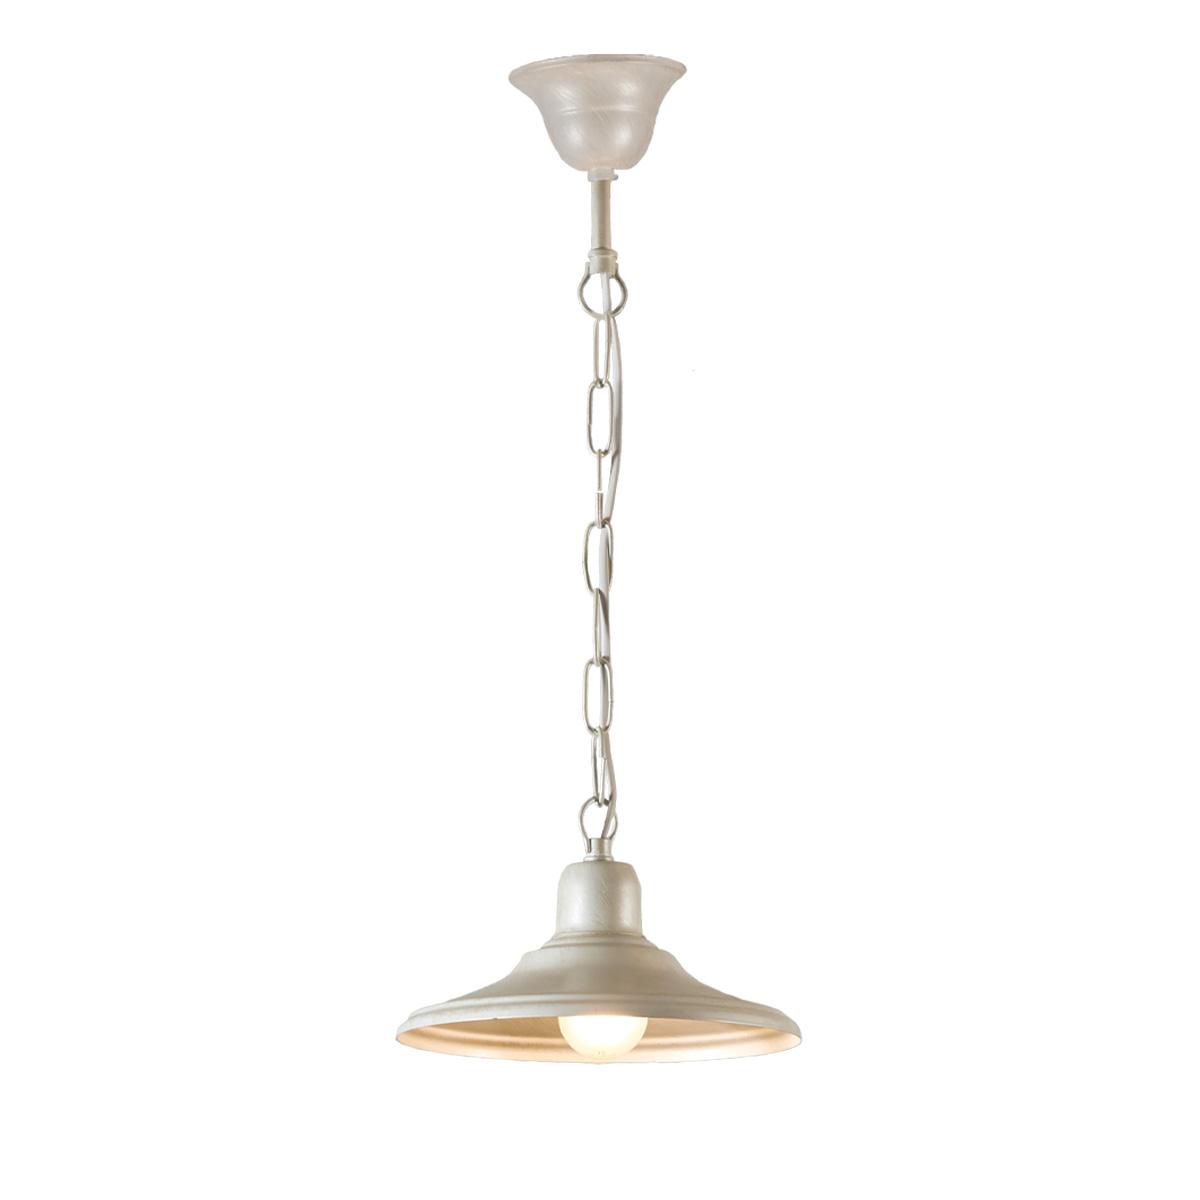 Παραδοσιακό κρεμαστό φωτιστικό σε λευκή πατίνα ΙΟΣ white patinated rustic pendant lamp